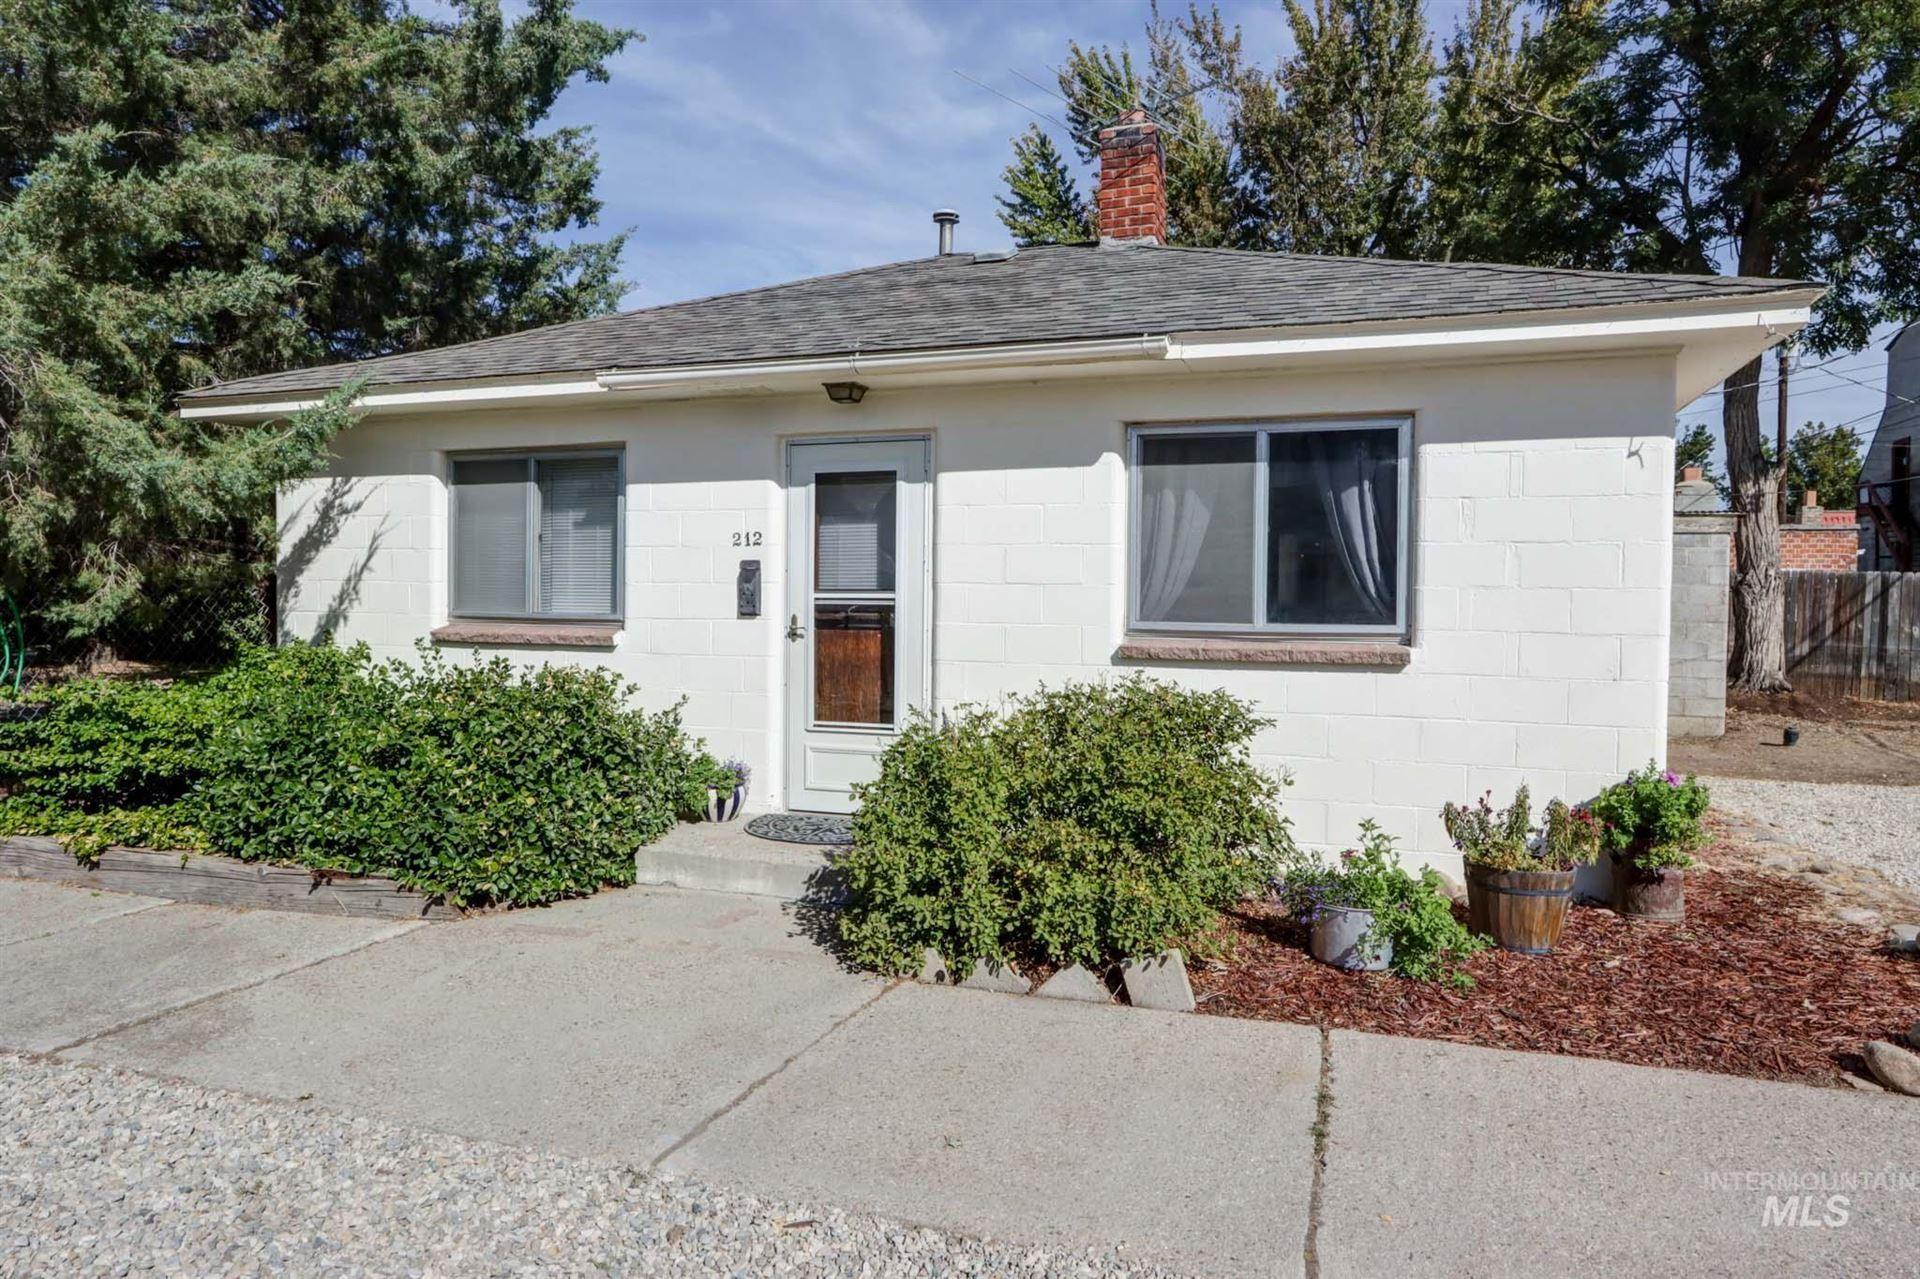 212 W 1st Street, Emmett, ID 83617 - MLS#: 98820458